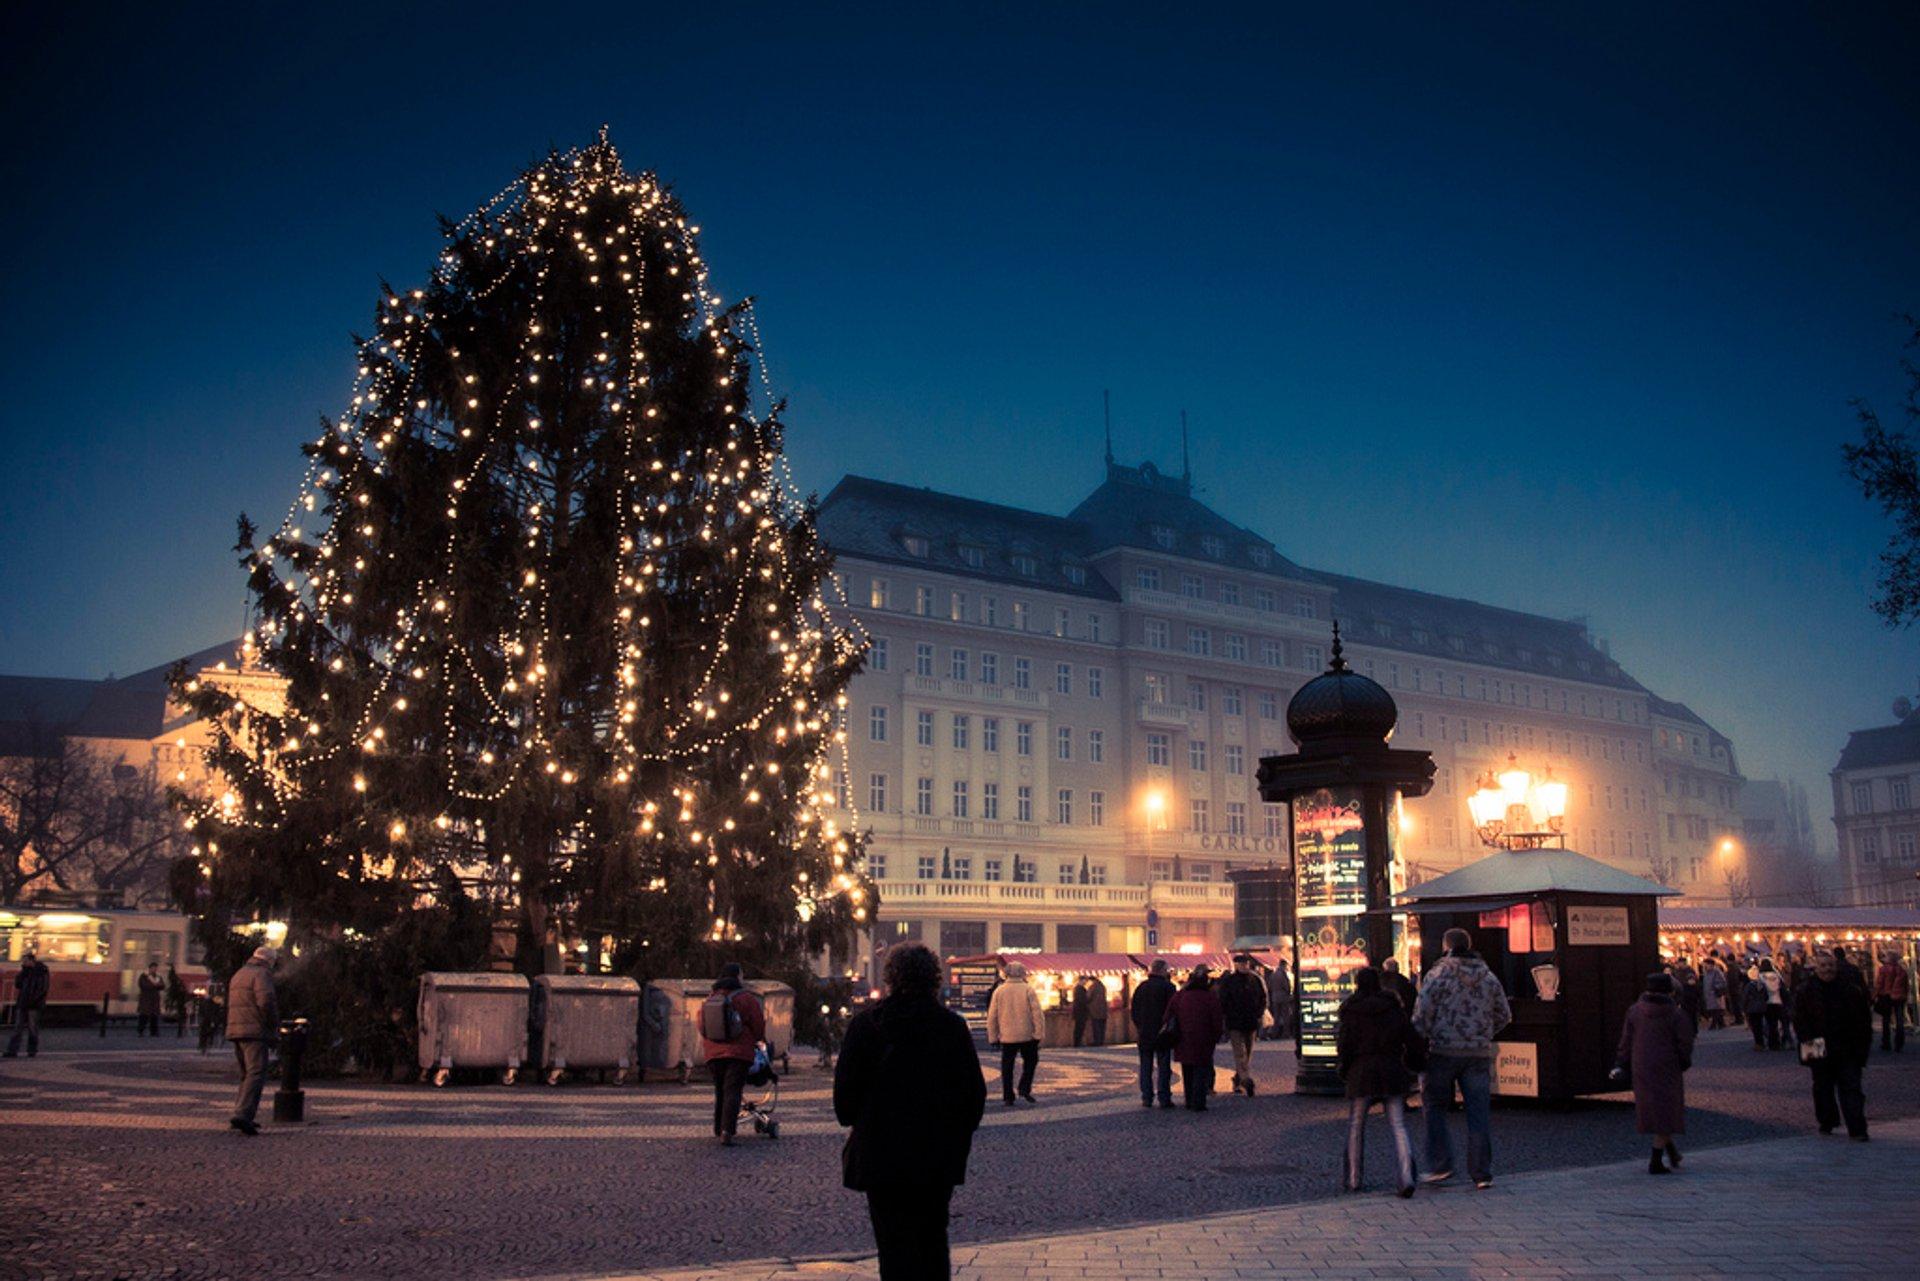 Bratislava Christmas Market (Vianočné Trhy) in Slovakia 2019 - Best Time